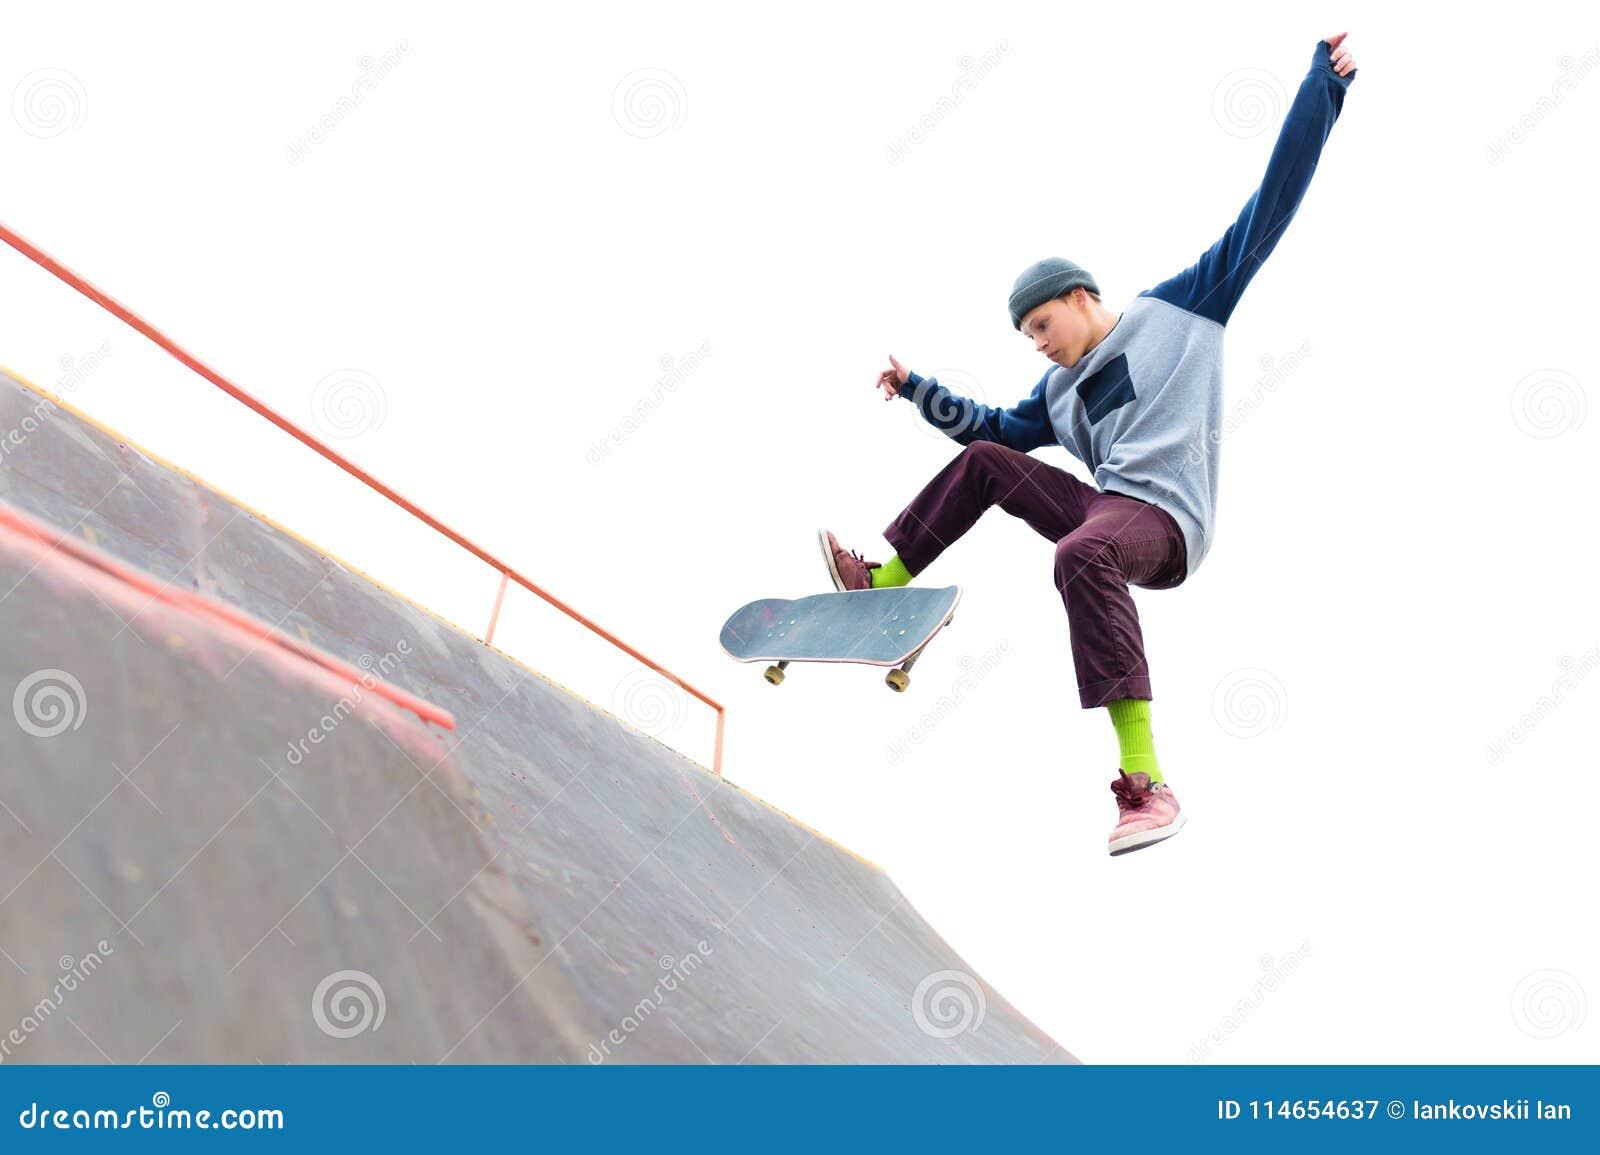 Ο έφηβος skateboarder στην ΚΑΠ κάνει ένα τέχνασμα με ένα άλμα στην κεκλιμένη ράμπα στο skatepark σκέιτερ και κεκλιμένη ράμπα επάν